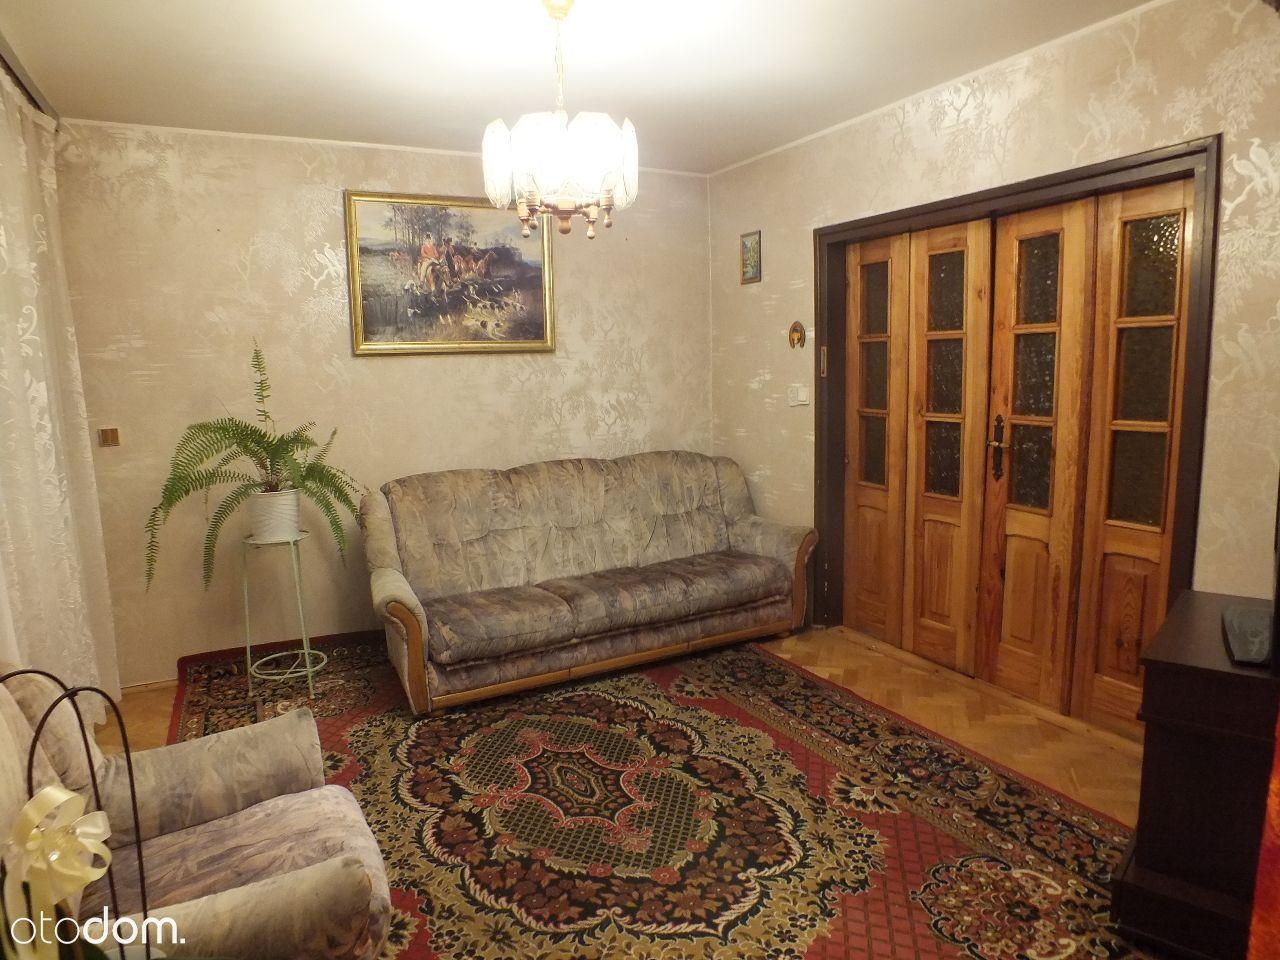 Dom na sprzedaż, Elbląg, warmińsko-mazurskie - Foto 12